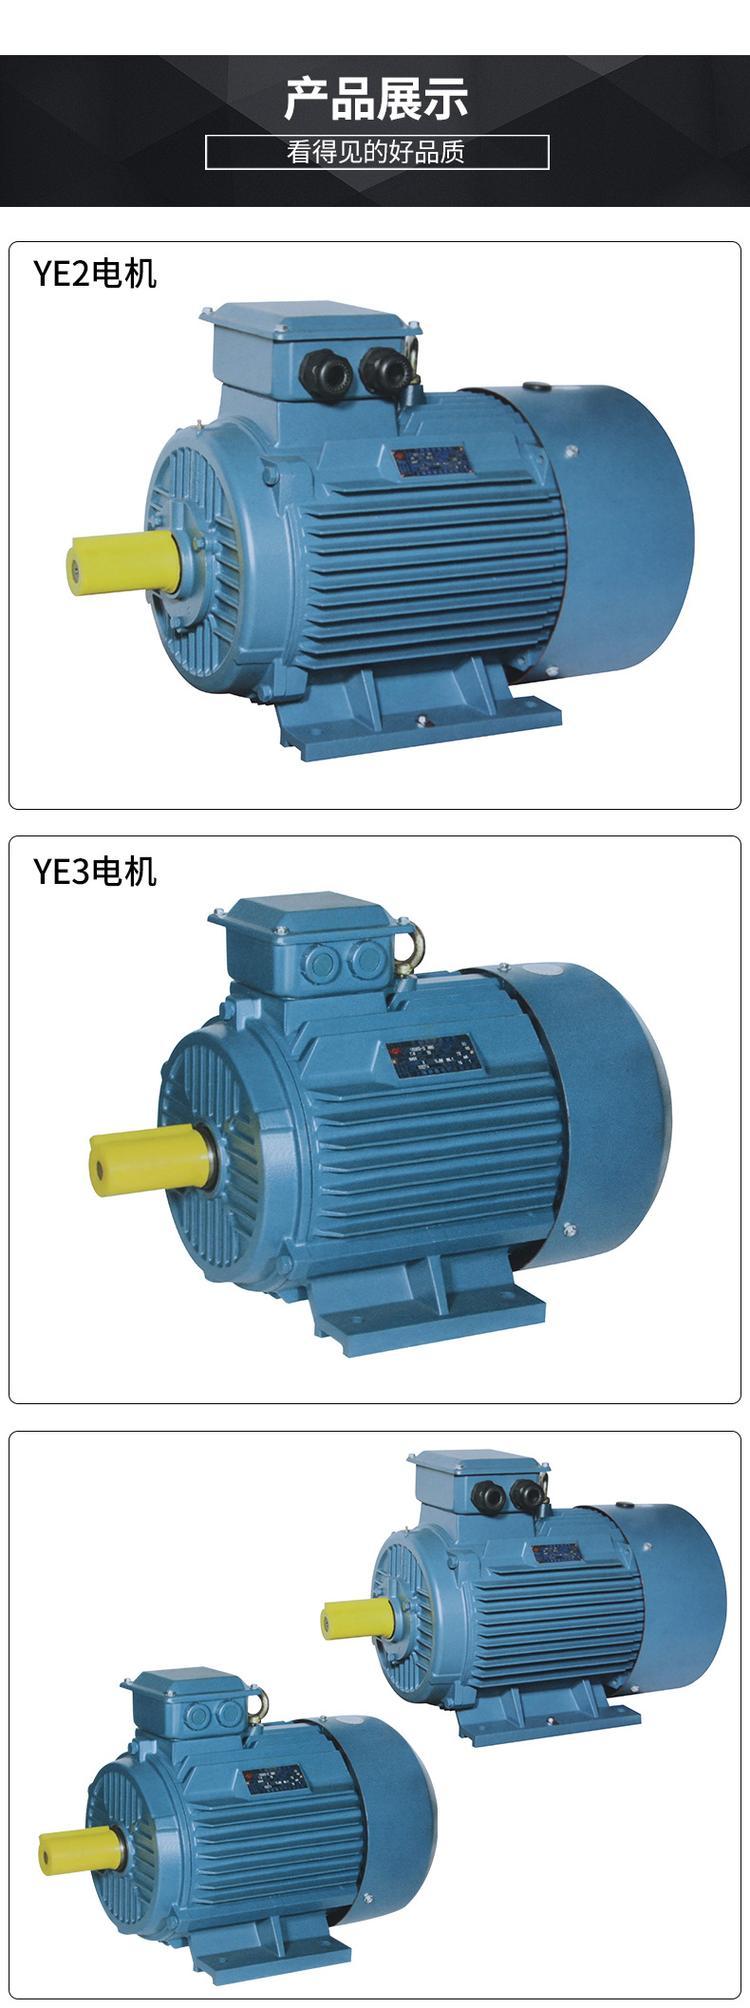 YE3三相异步电动机